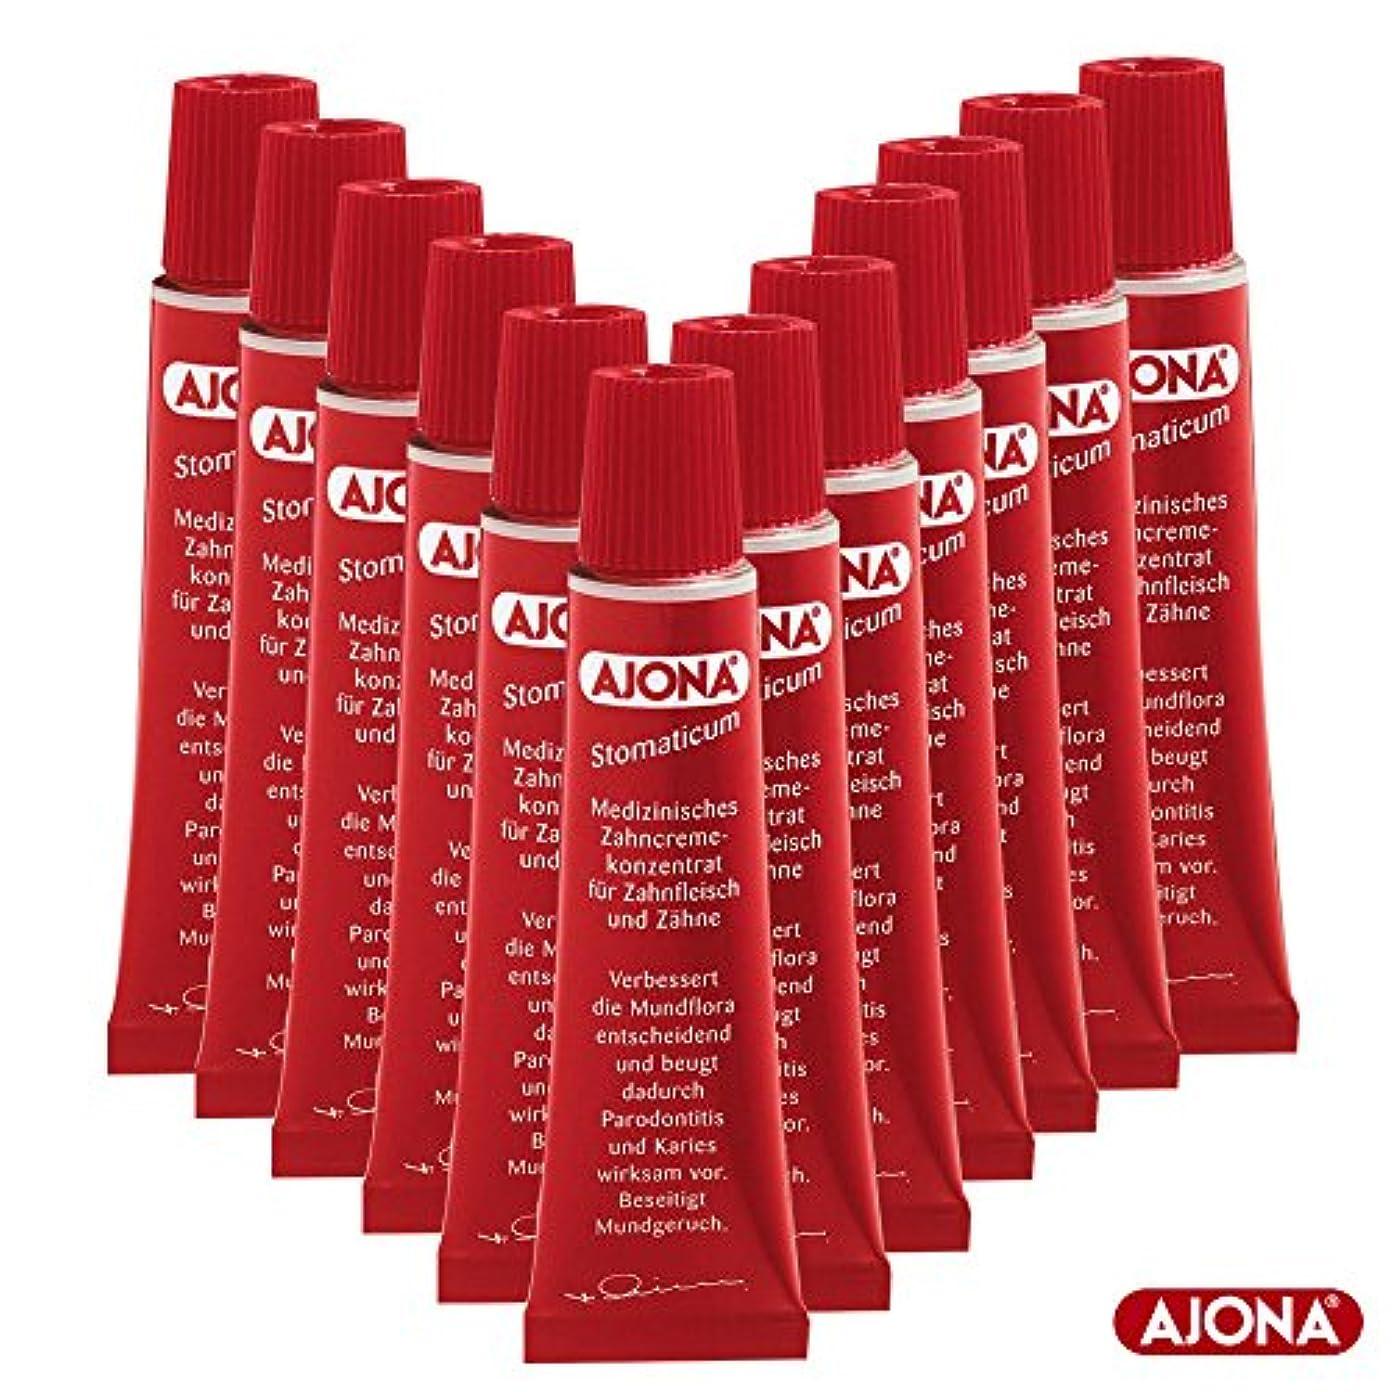 弱点換気する波Ajona 濃縮歯磨き粉 Stomaticum Toothpaste 25ml(12x 25ml)-12Pack [並行輸入品]